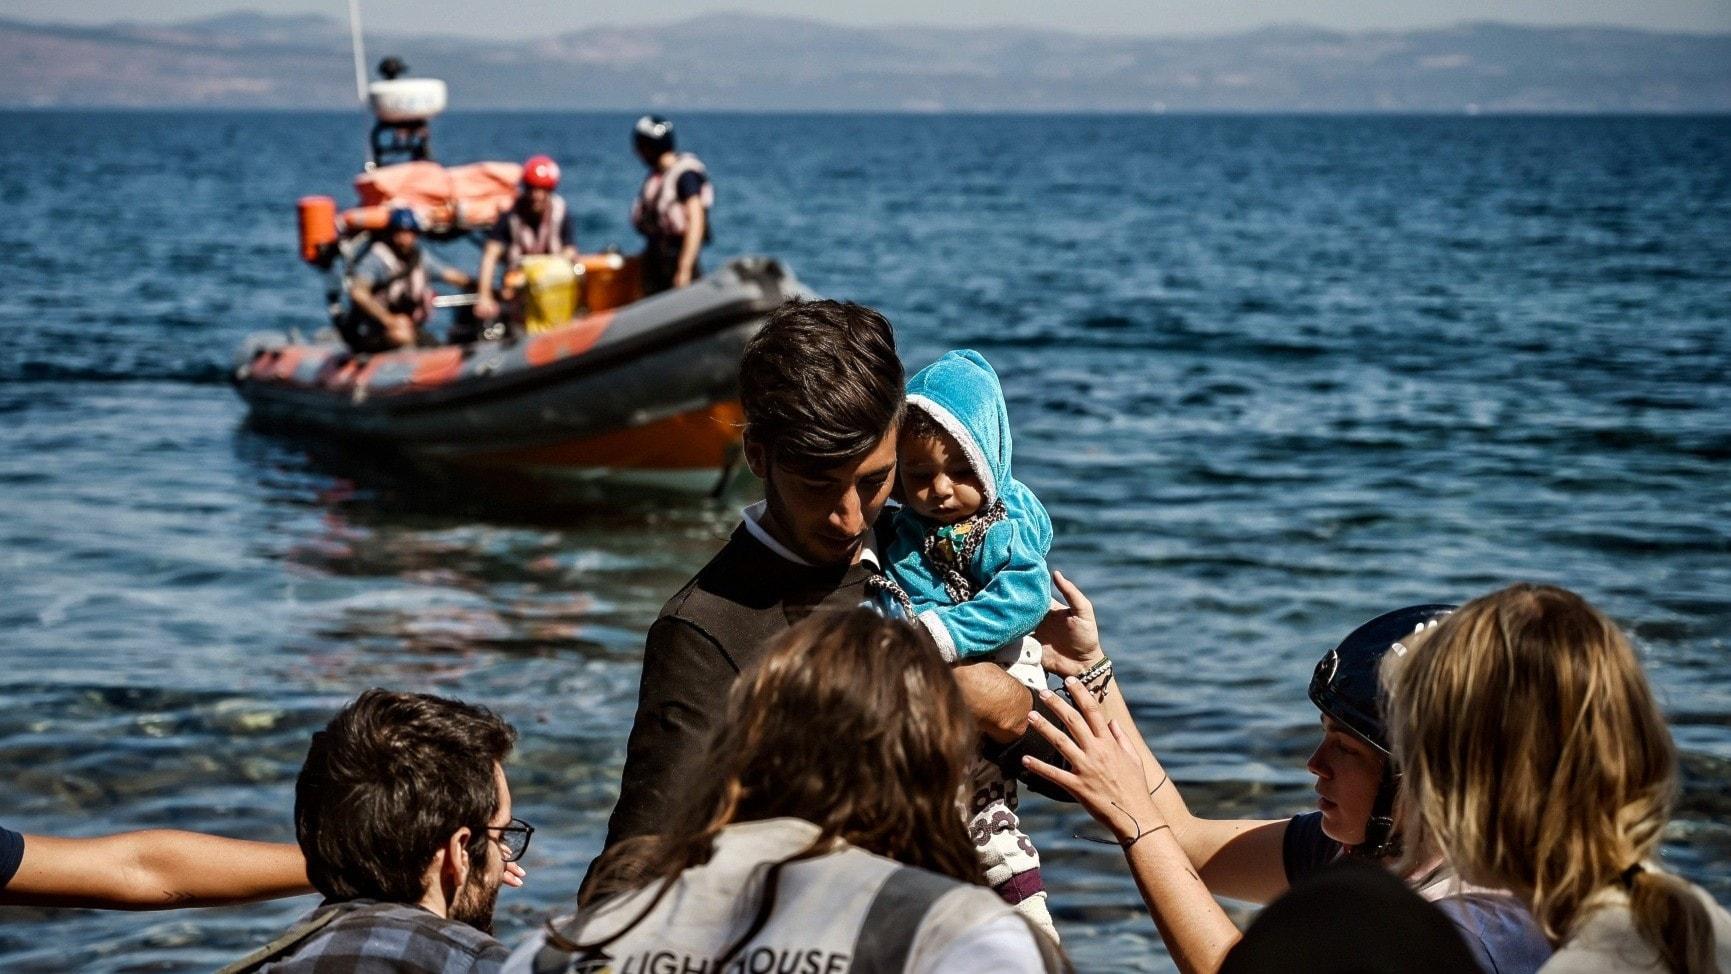 Kriget, flyktingarna och Europas gränser